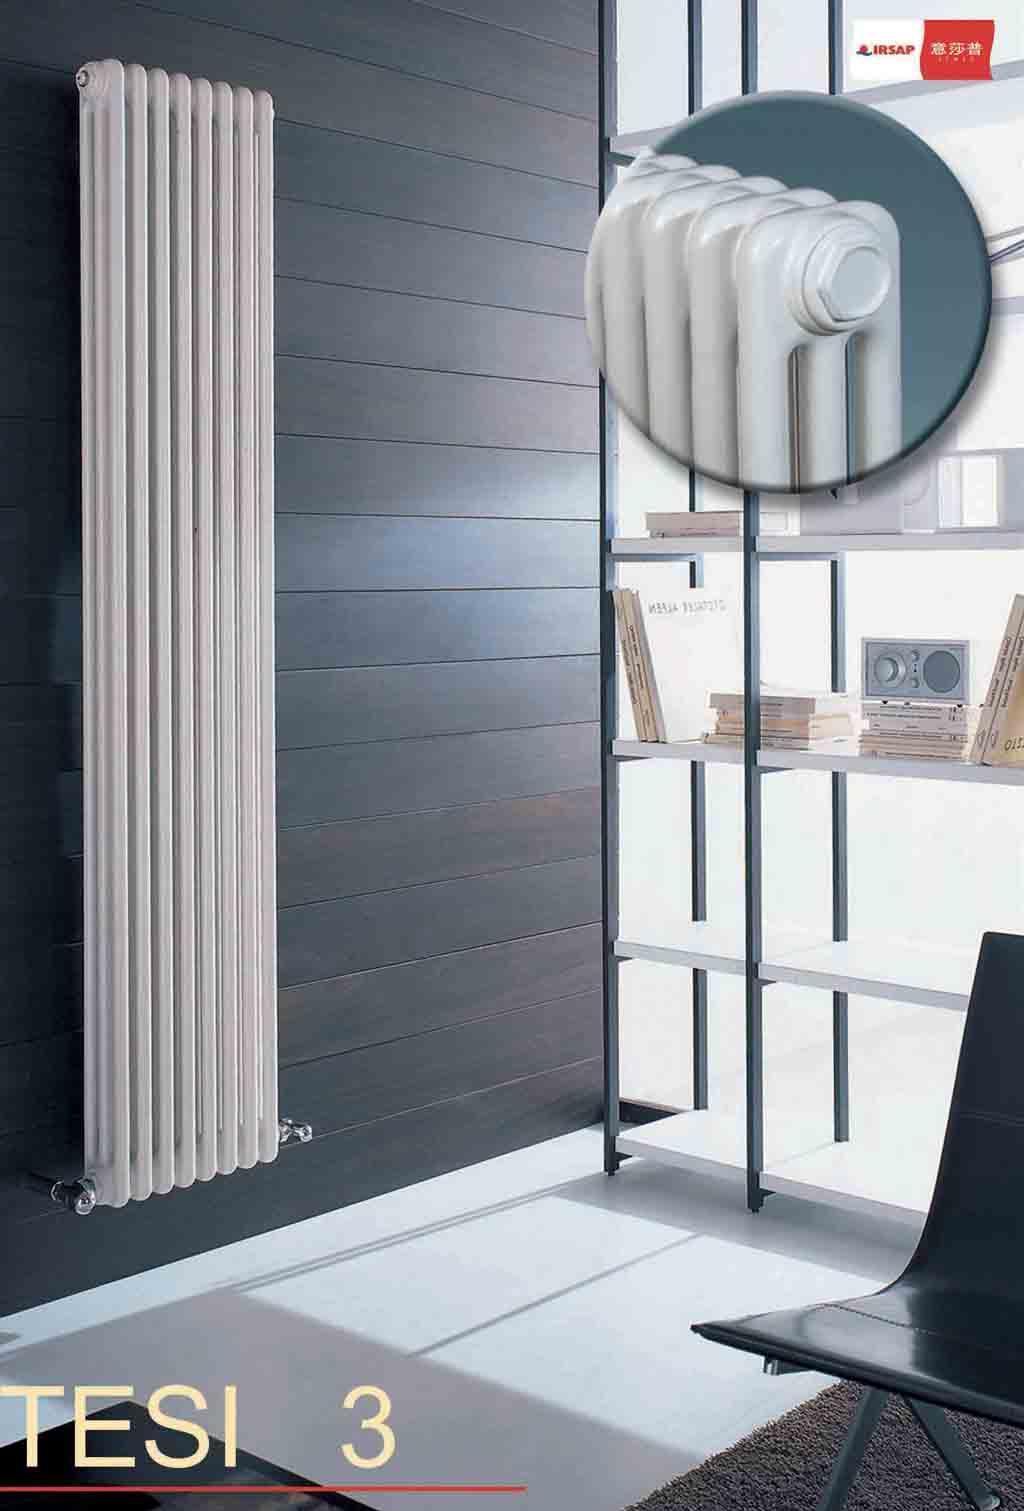 意莎普散热器钢制柱型苔丝.GG3-20TGG3-20T